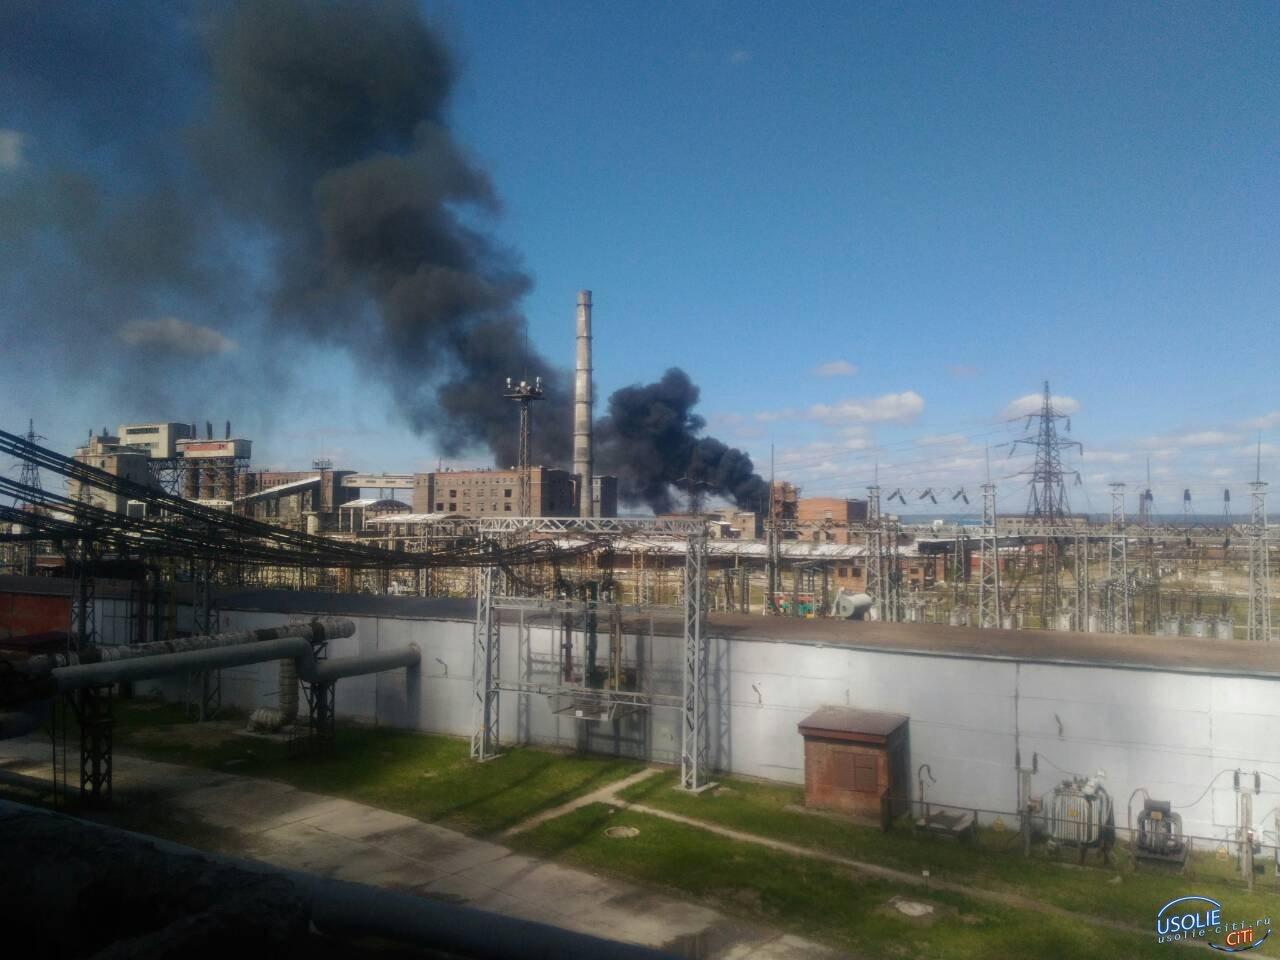 Что за клубы дыма на усольском Химпроме? Есть ли опасность? Почему молчит ЕДДС?